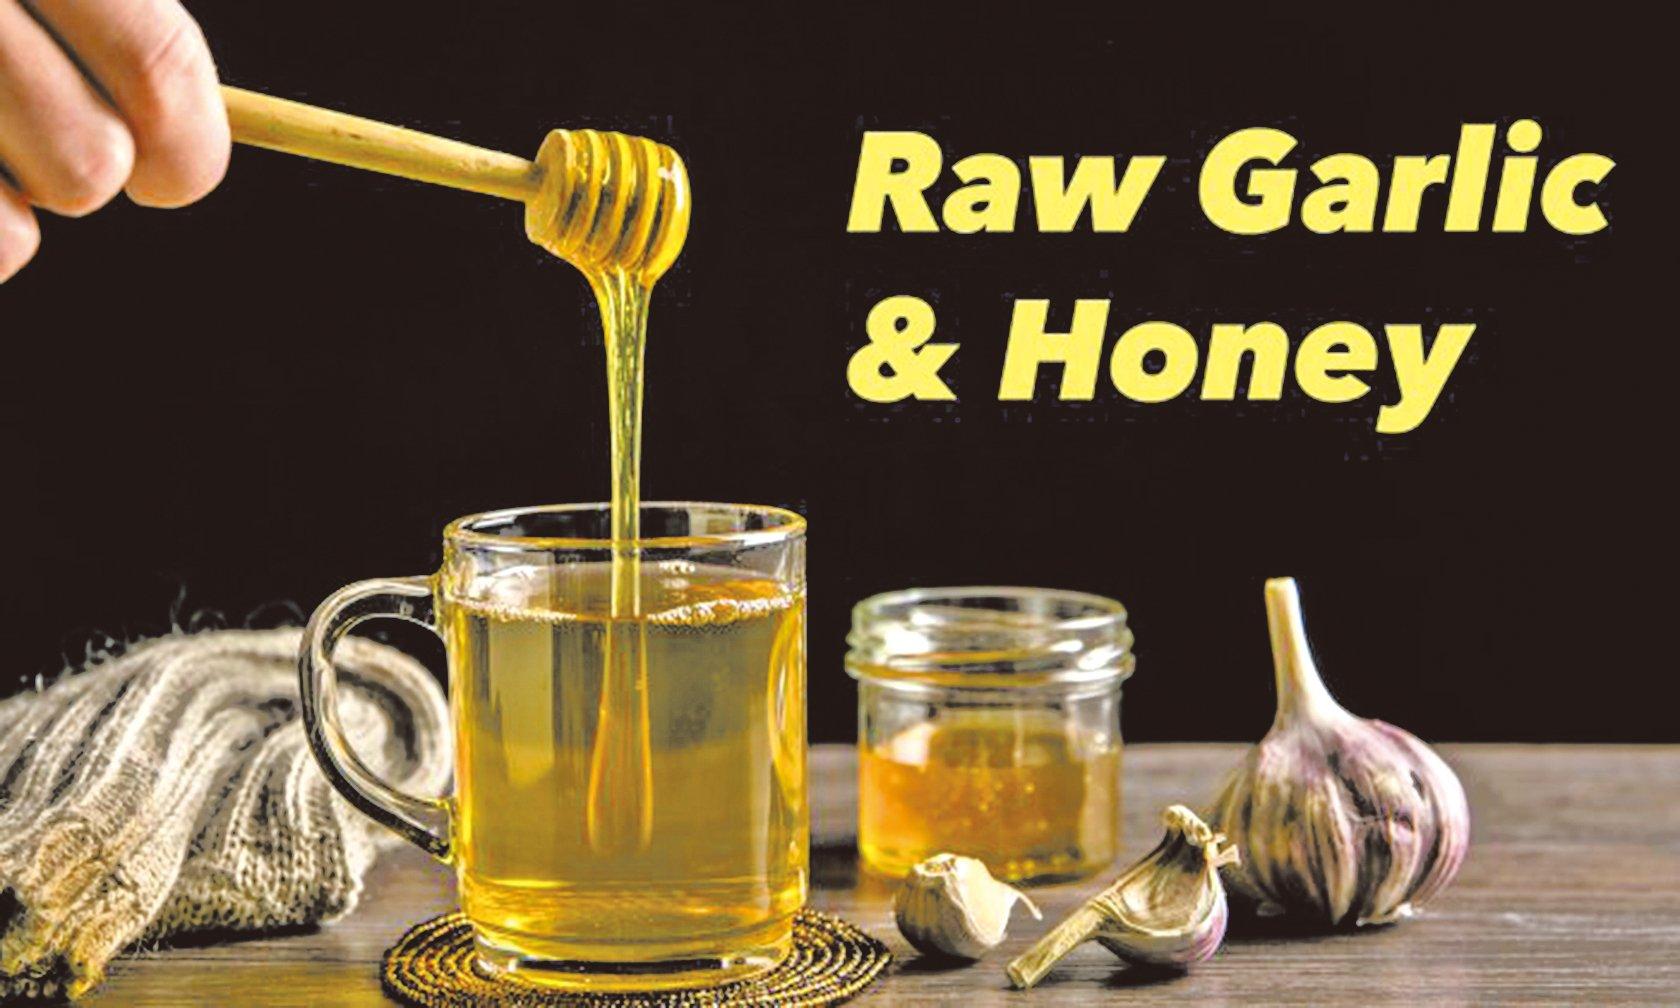 大蒜和蜂蜜一起食用好處多,可以阻止了壞膽固醇的積累,降低血壓,平衡血糖,並清理了腸道。 ( Shutterstock)